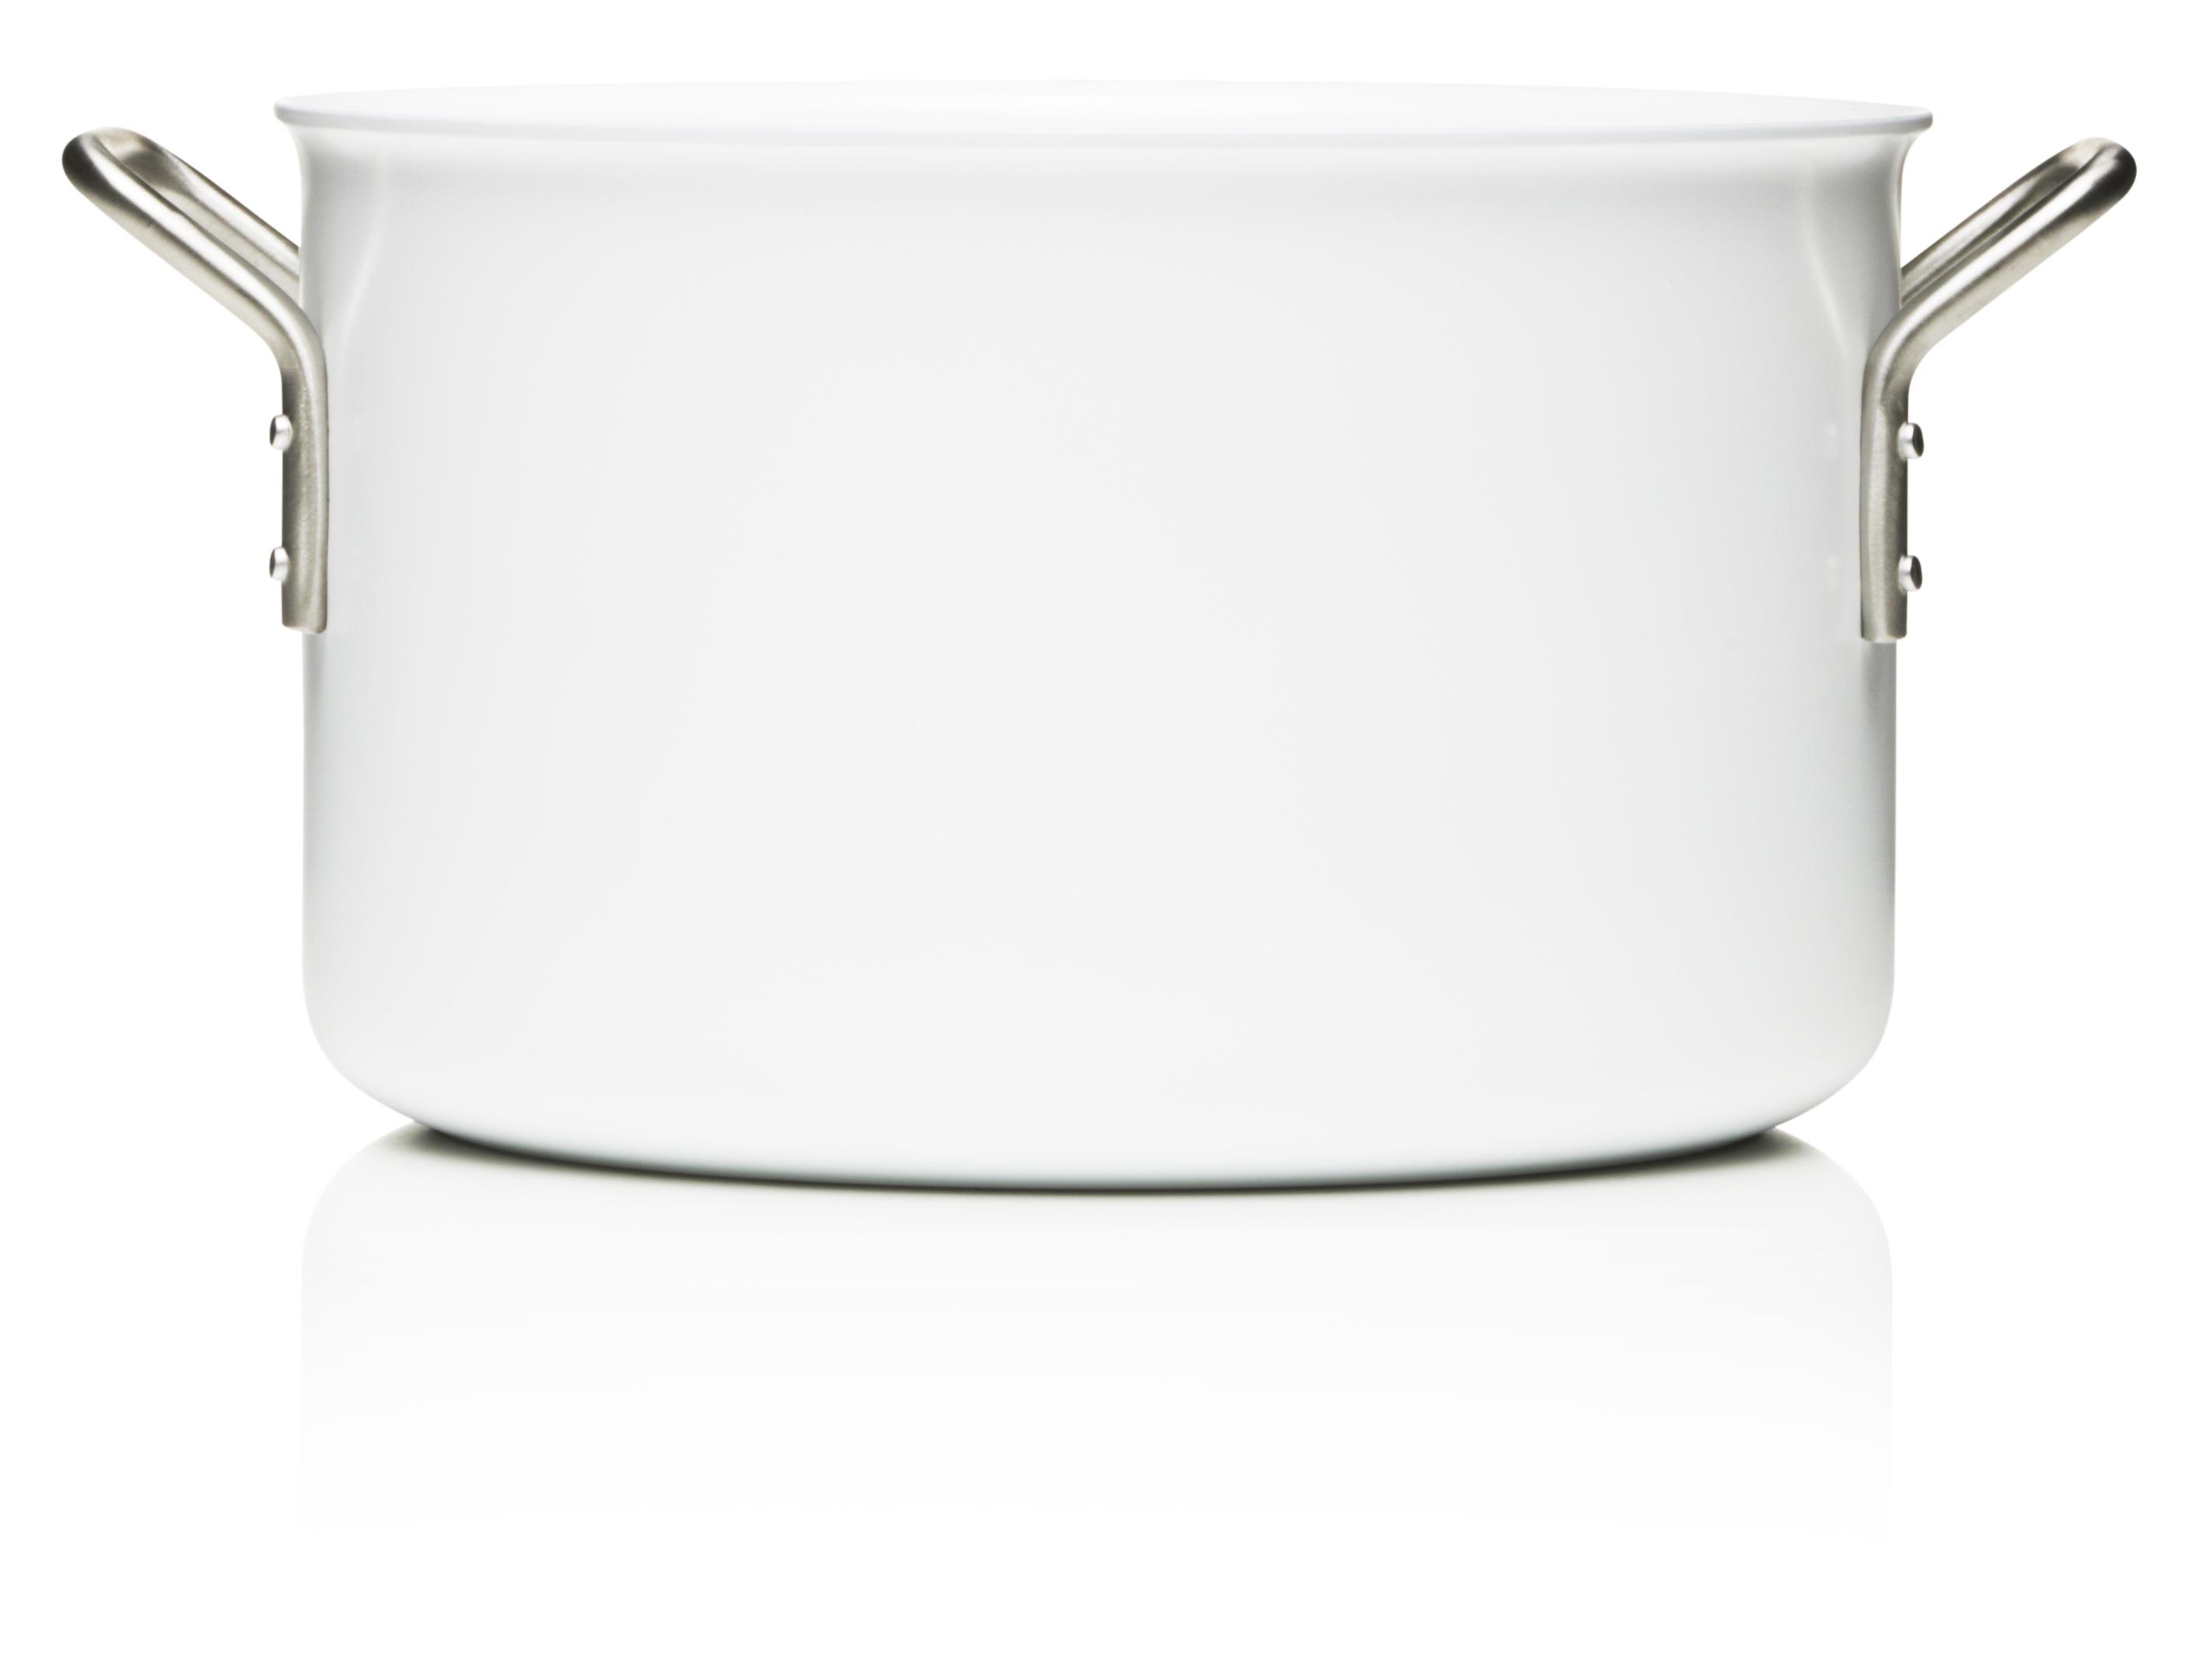 Køb Eva Trio Gryde med keramisk belægning 7,0 l/ 24 cm - Hurtig levering - Gratis fragt ved 500 kr.